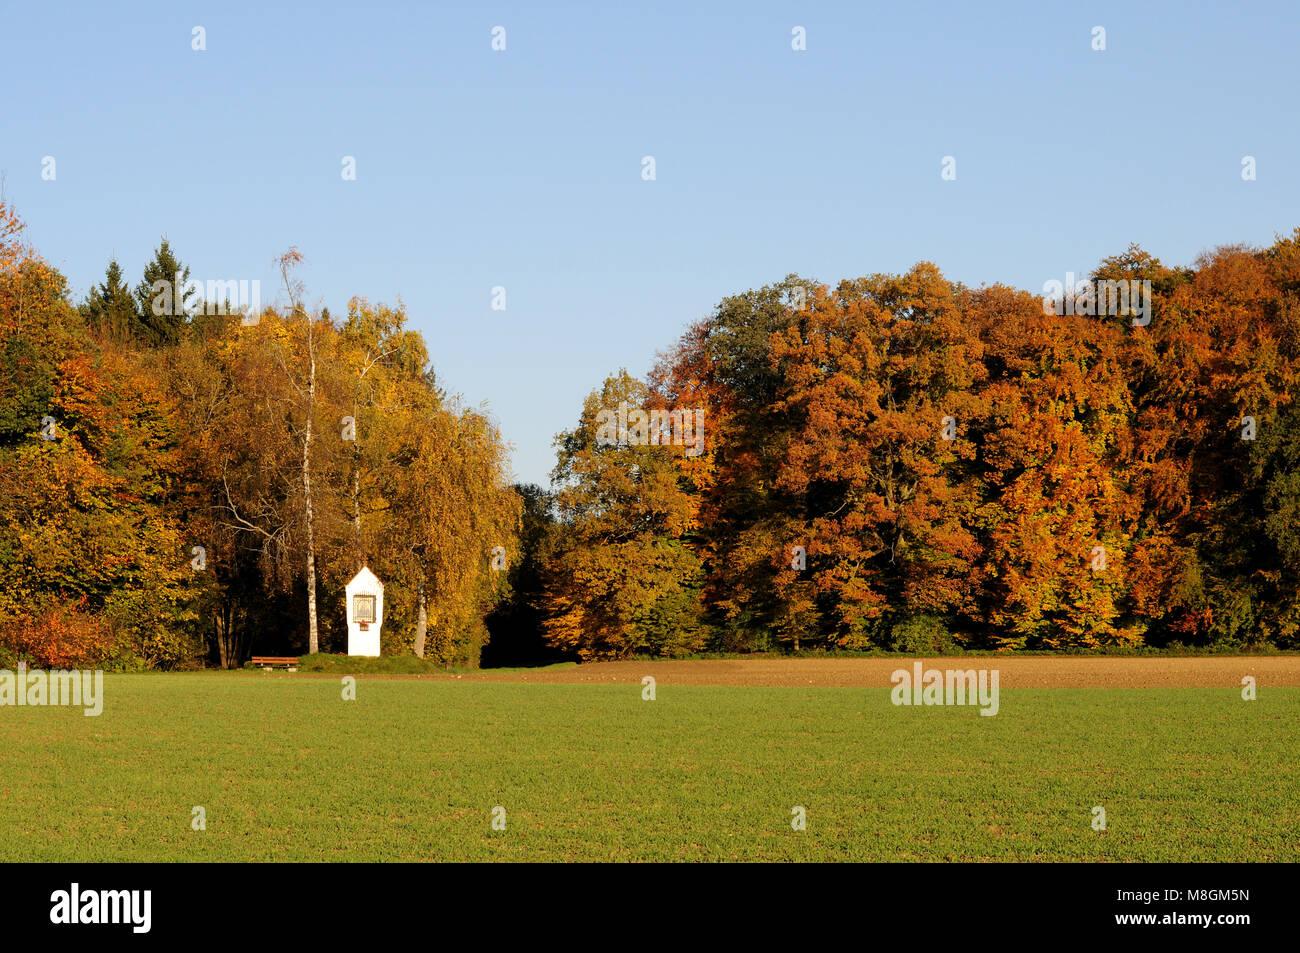 Herbst Landschaft mit Bildstock in Süddeutschland Stockbild